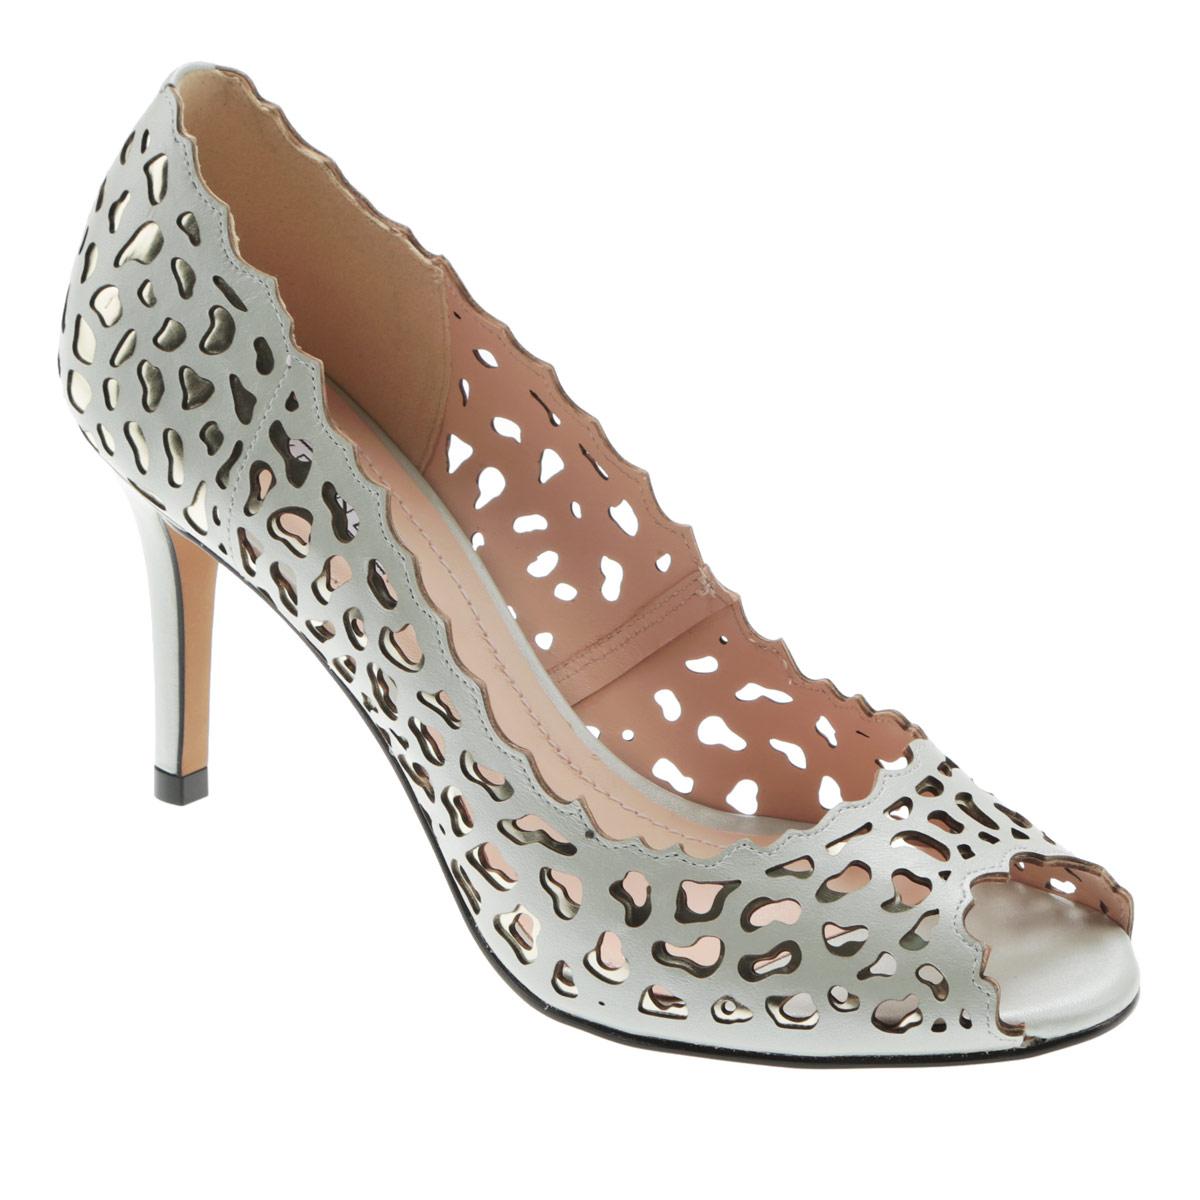 Туфли женские. 8-047038-04703Яркие женские туфли на шпильке от Werner прекрасно подчеркнут ваш стиль. Верх модели выполнен из натуральной кожи и оформлен перфорированным рисунком. Рельефные края придают оригинальности изделию. Внутренняя часть и стелька из натуральной кожи гарантируют комфорт и удобство при ходьбе. Открытый носок добавляет женственности в образ. Высокий тонкий каблук подчеркнет красоту и стройность ваших ног. Подошва выполнена из прочного полимера с противоскользящим рифлением. Такие туфли станут прекрасным дополнением вашего гардероба. Они сделают вас ярче и подчеркнут вашу индивидуальность!